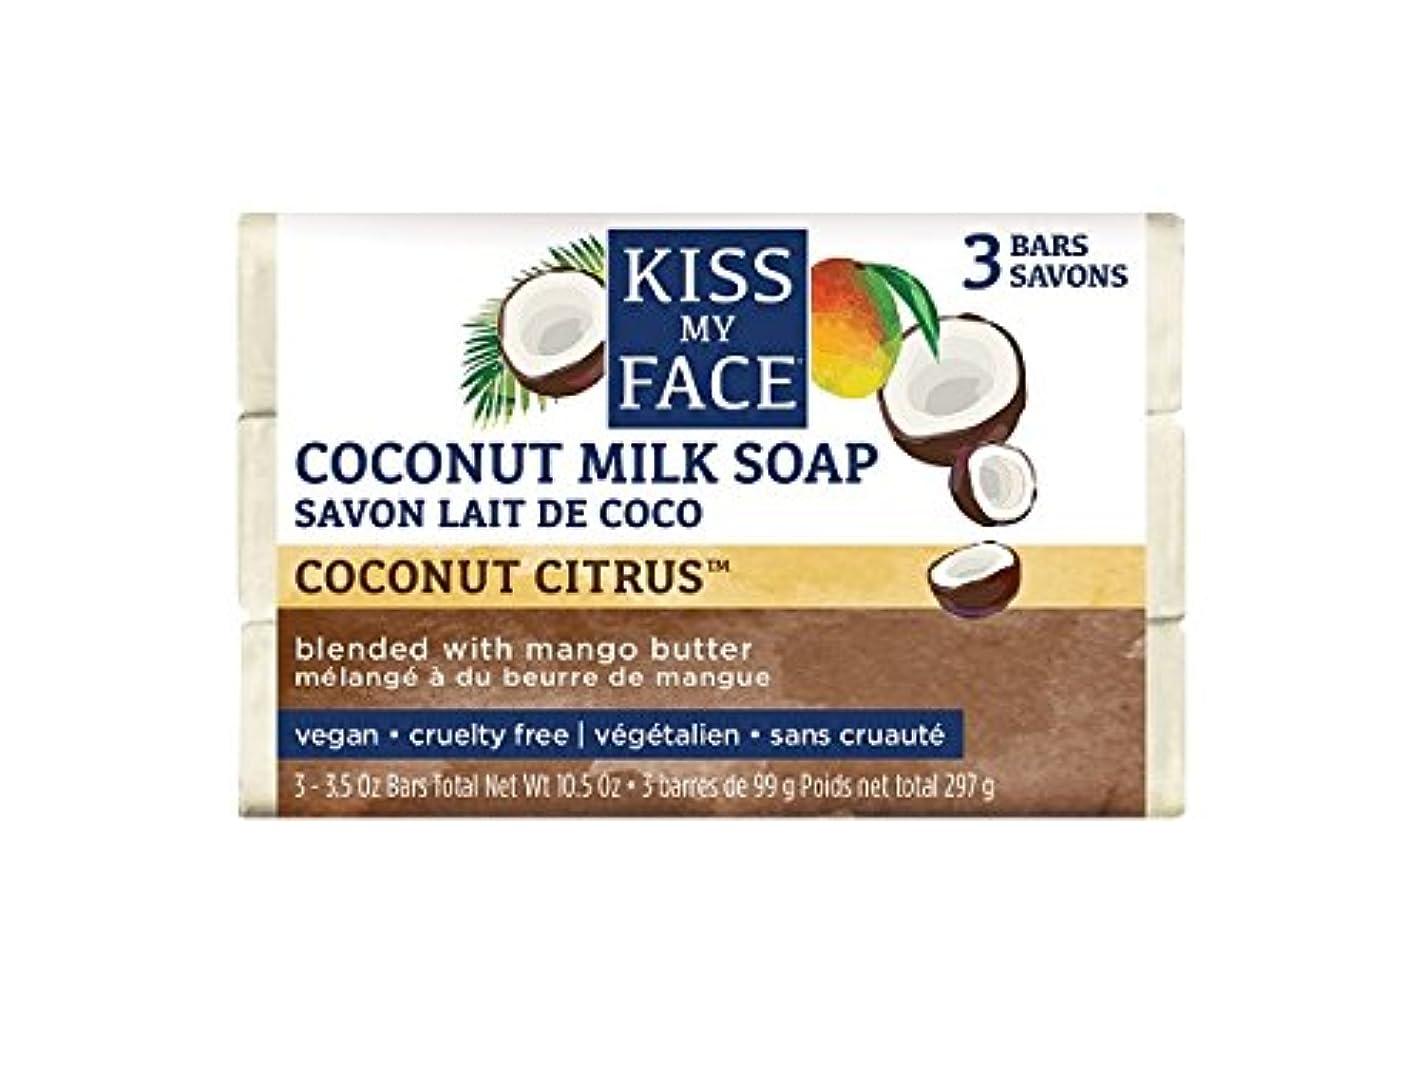 サワーバーガー啓発するKiss My Face - ココナッツミルク棒石鹸 - 3パック - 10.5ポンド